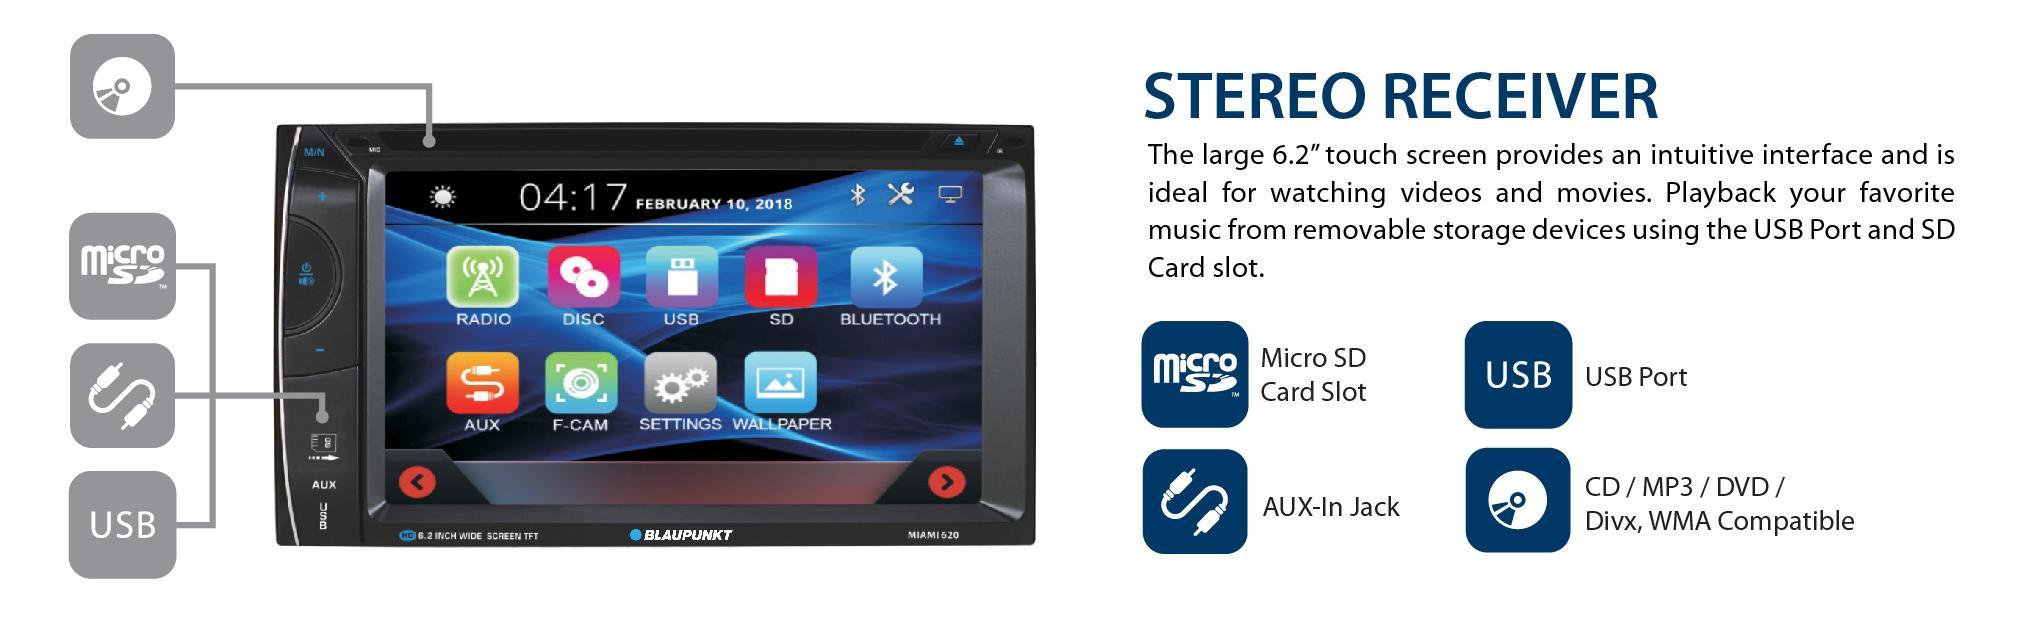 Blaupunkt Car Stereo MP3 AM FM Receiver CD DVD Aux-in SD Card High Quality